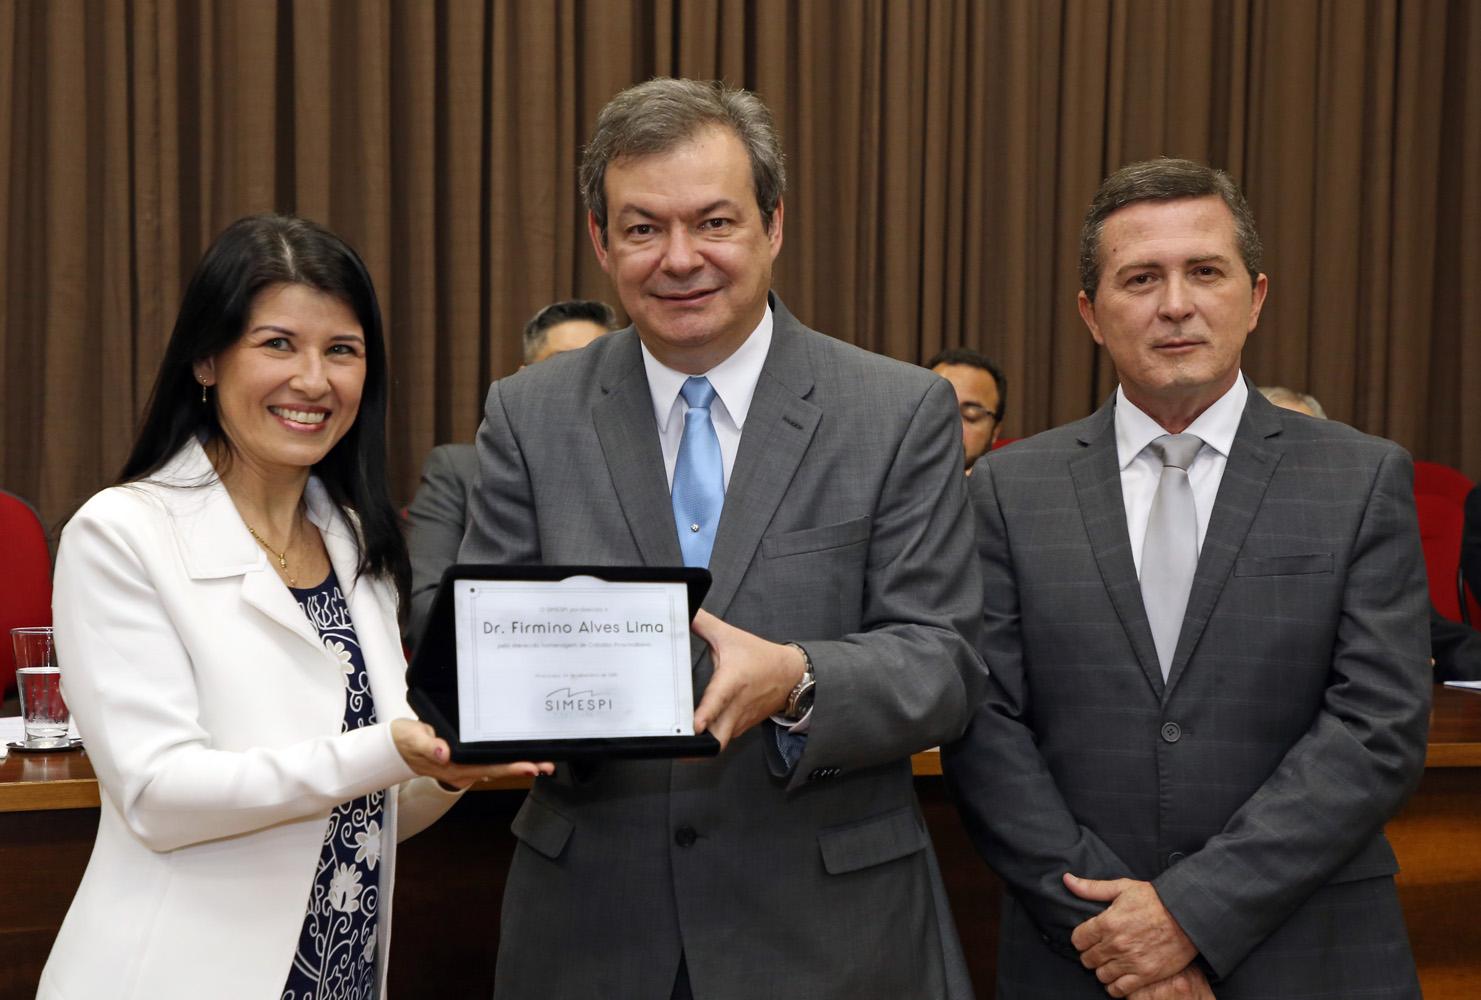 Simespi homenageia juiz do trabalho Firmino Alves Lima